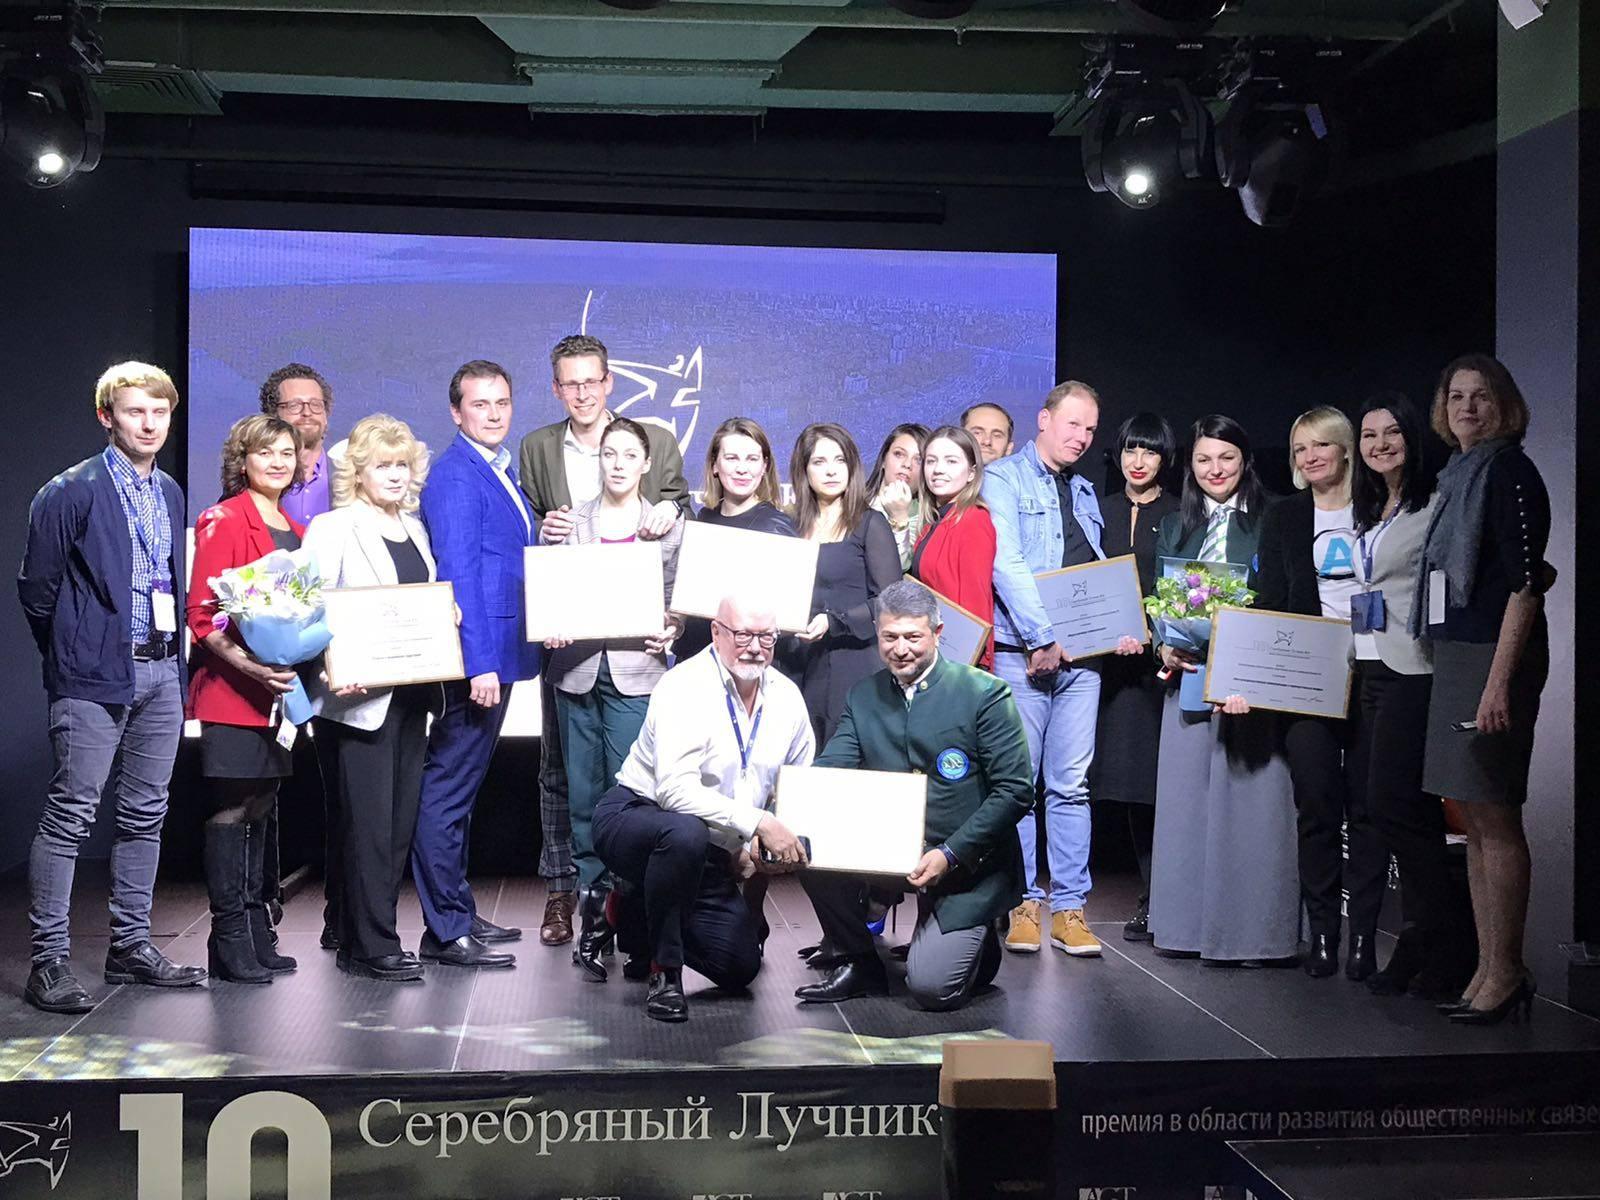 Крымский PR-проект победил на престижном конкурсе  «Серебряный лучник»